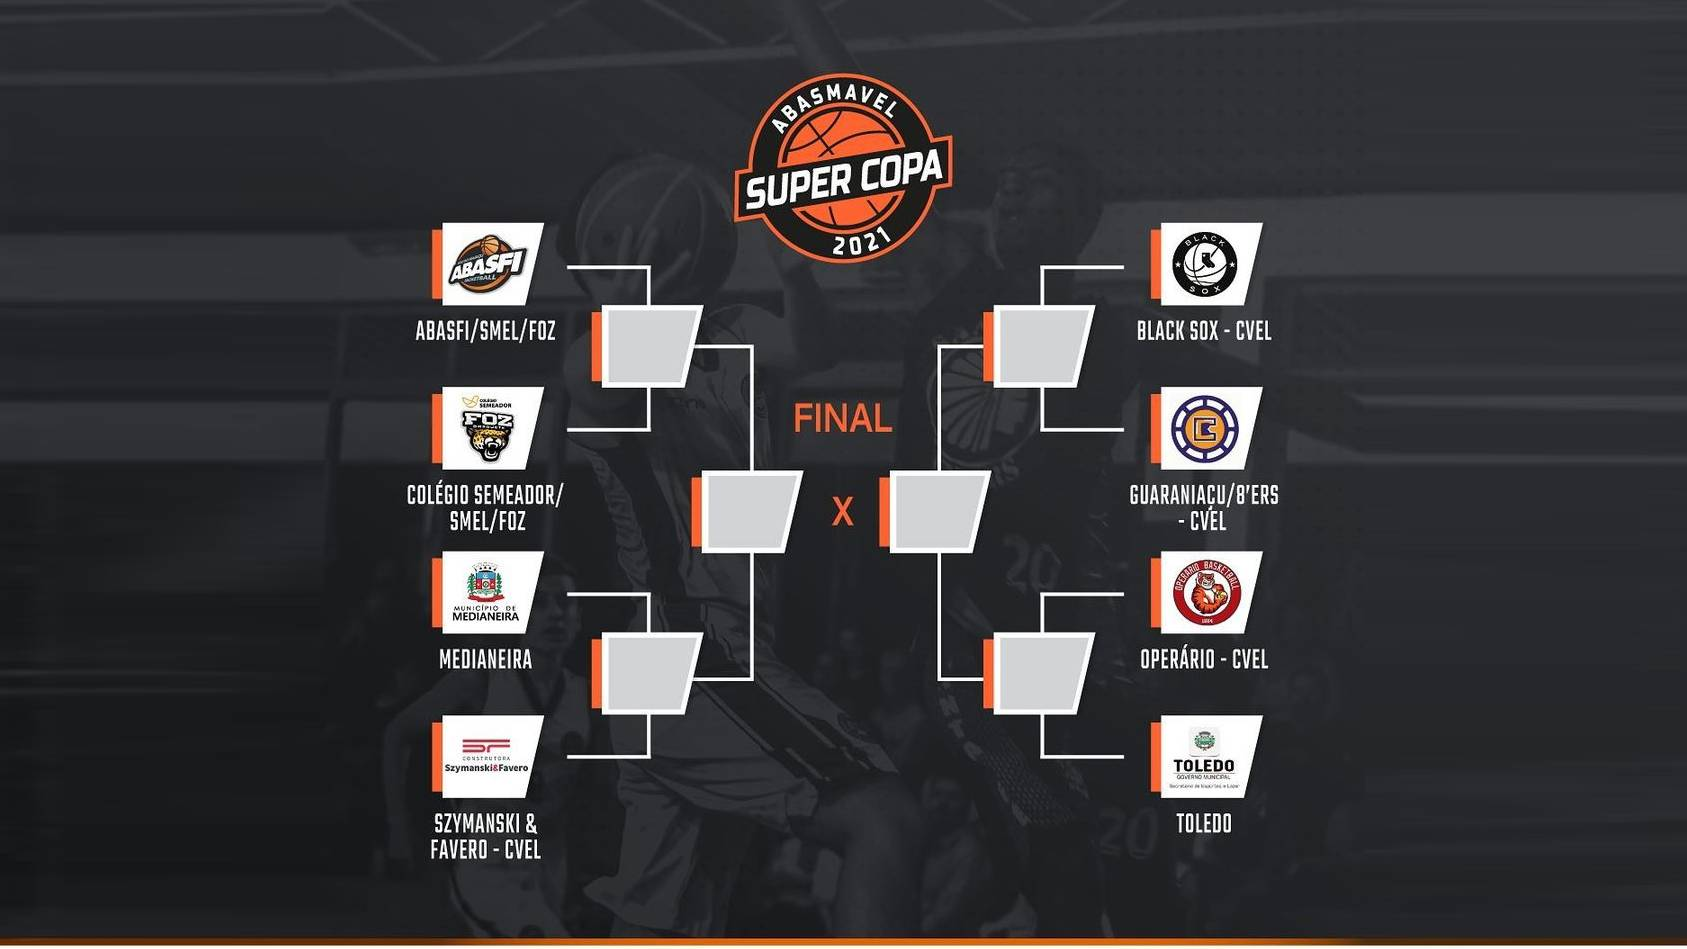 Definido os confrontos das quartas de final da Super Copa Abasmavel